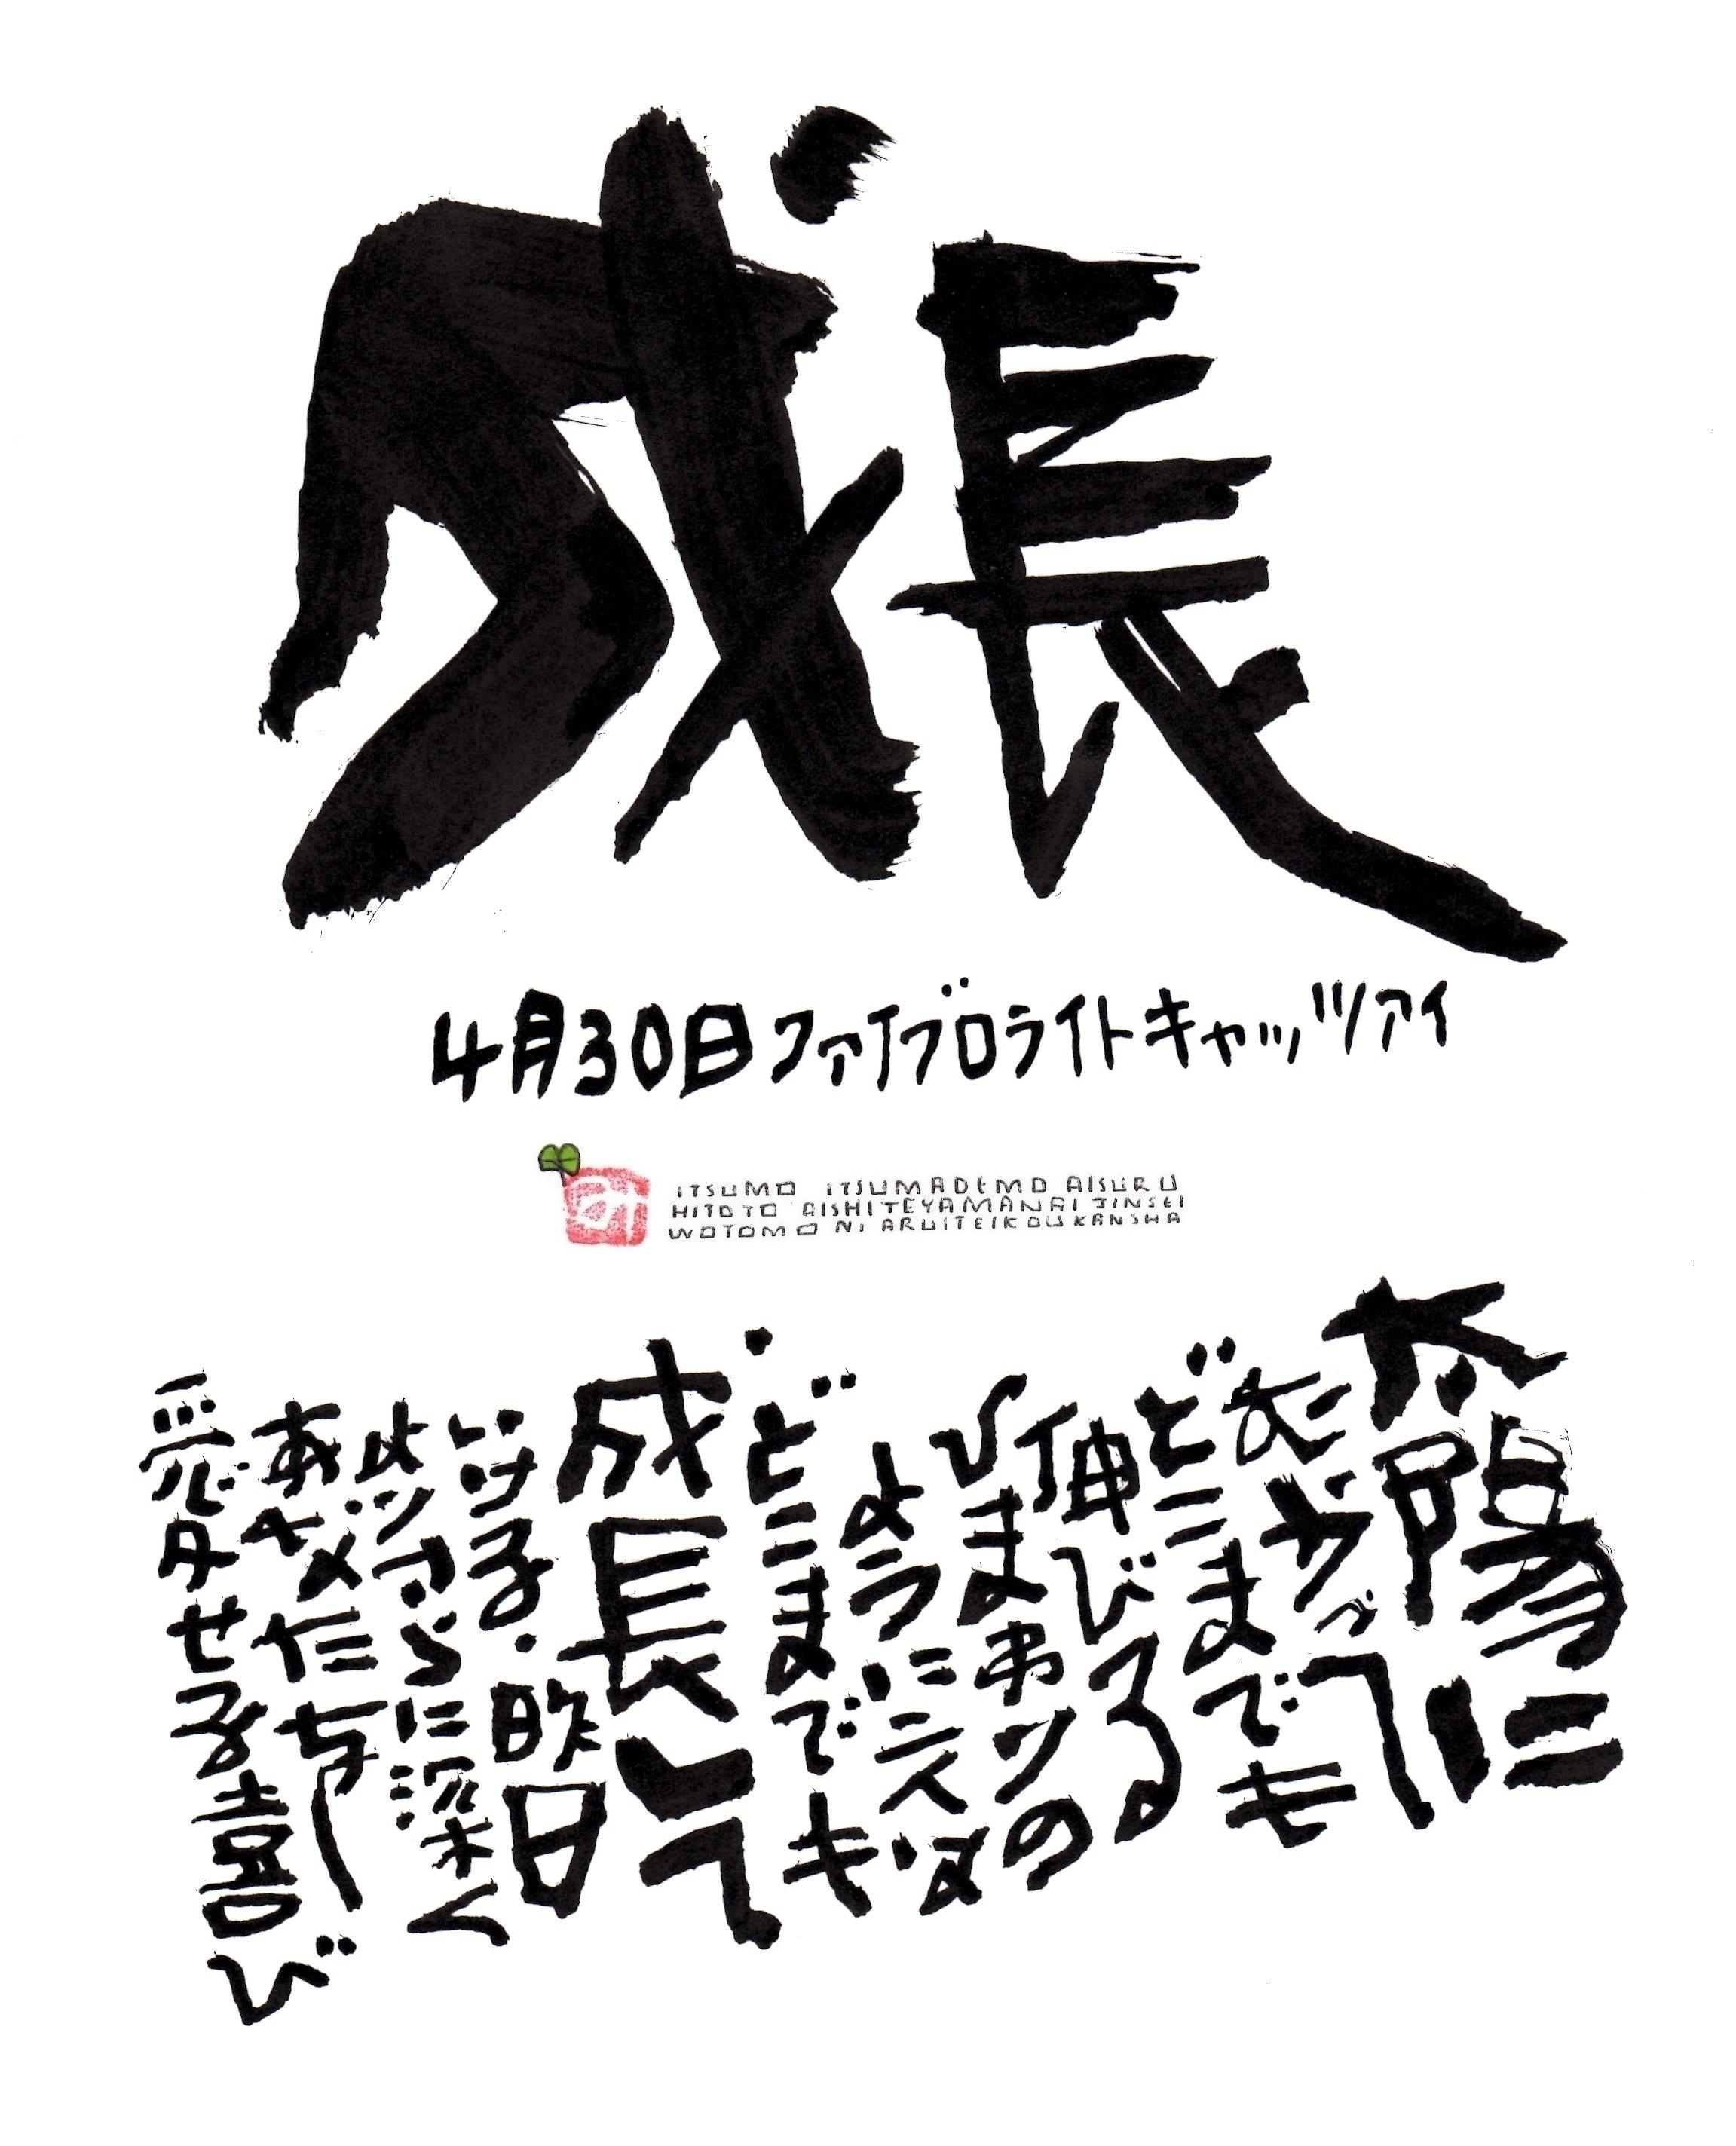 4月30日 結婚記念日ポストカード【成長】